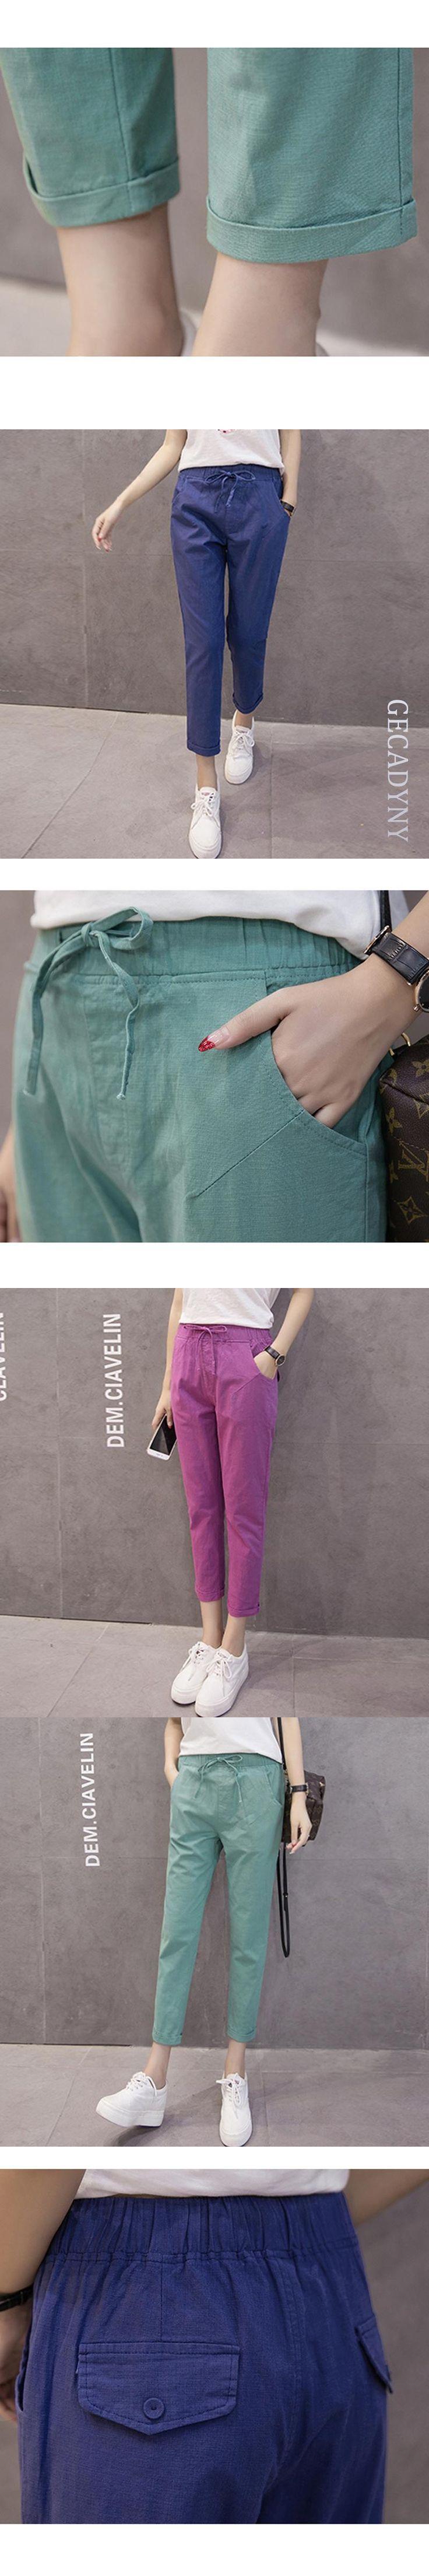 Women Cotton Linen Pants Girl Trousers Female Capris S/M/L/XL/2XL/3XL Wholesale Lady  Candy Colors Harem Pants Casual Trousers